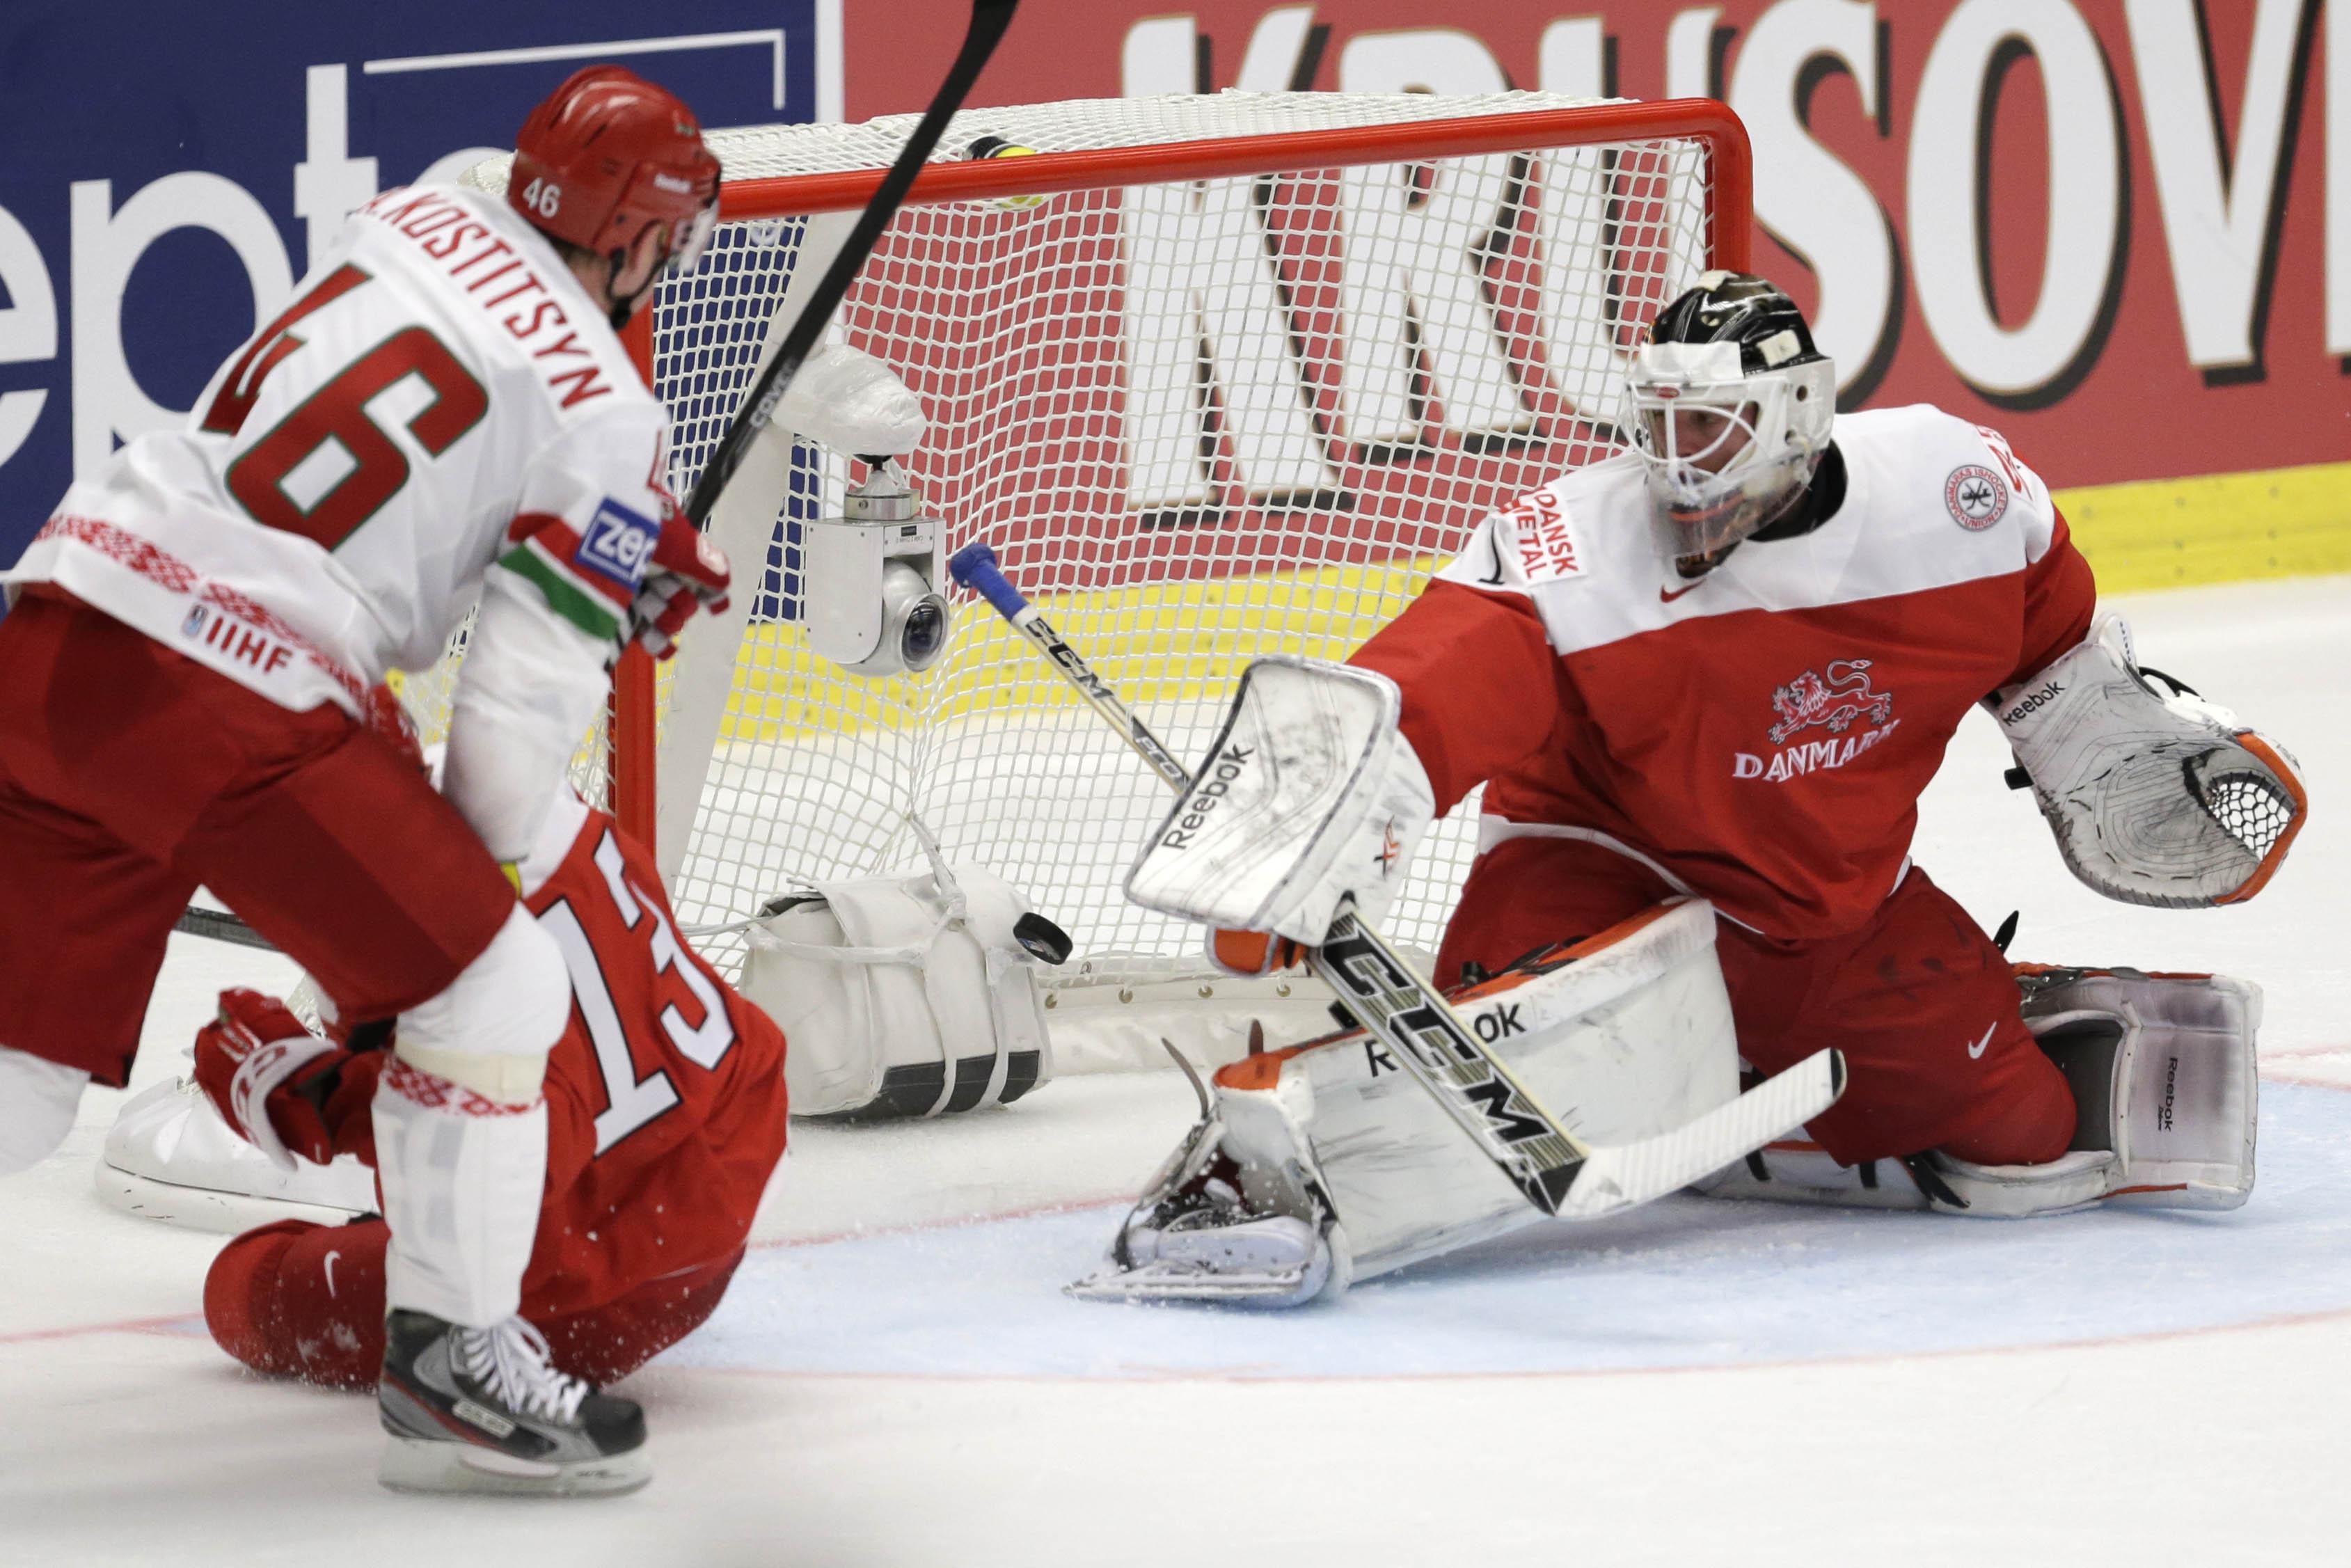 Switzerland, Belarus earn 2nd victories at ice hockey worlds